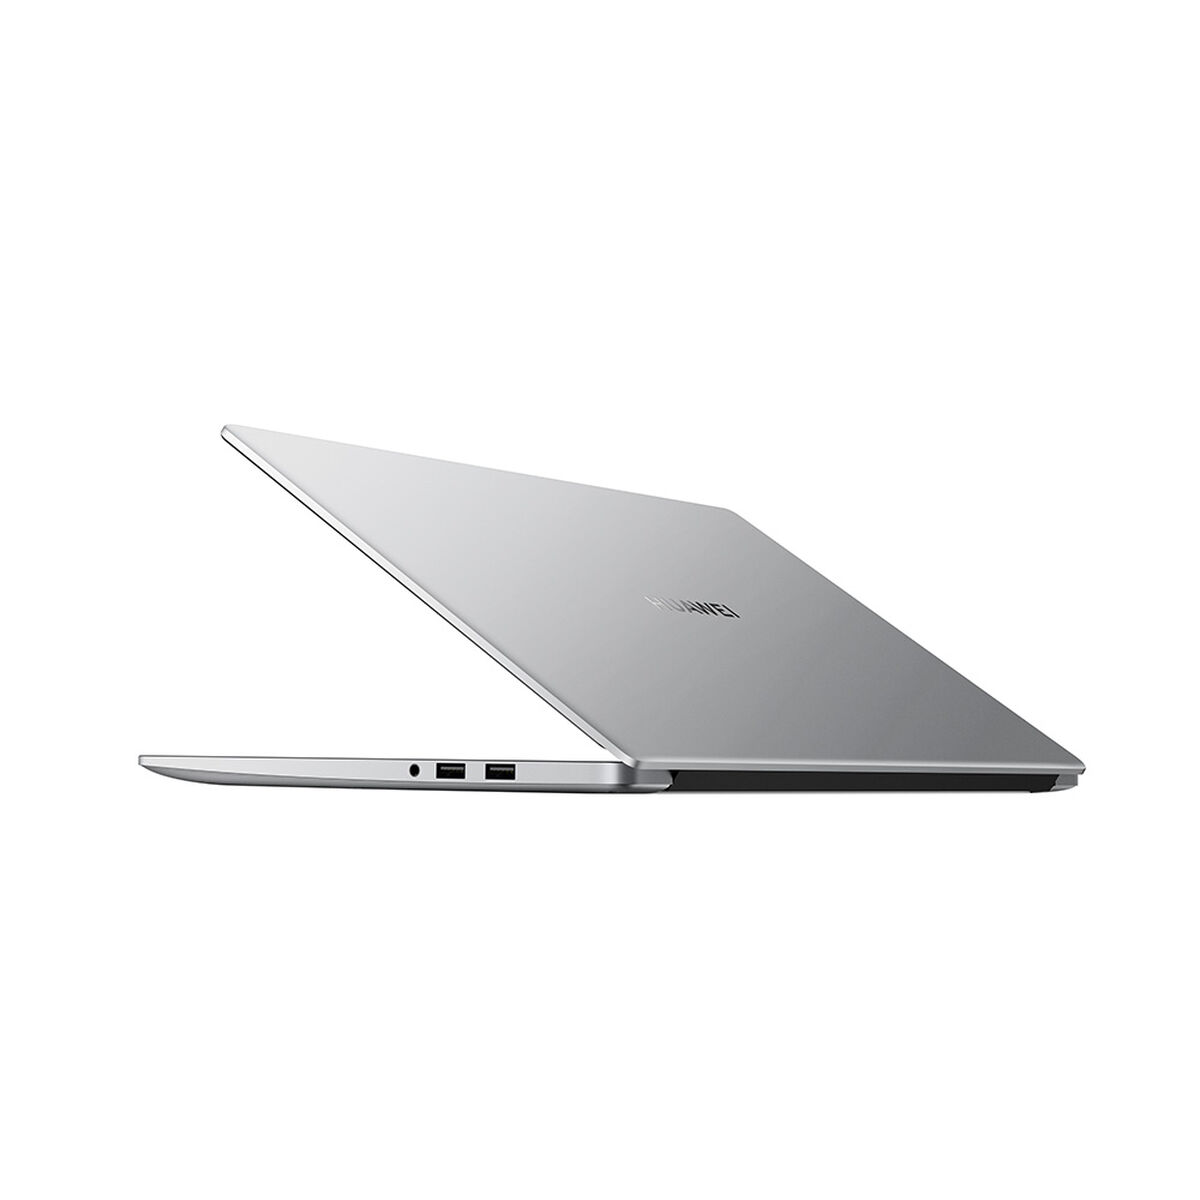 """Notebook Huawei Matebook D15 Ryzen 5 8GB 256GB SSD 15.6"""""""